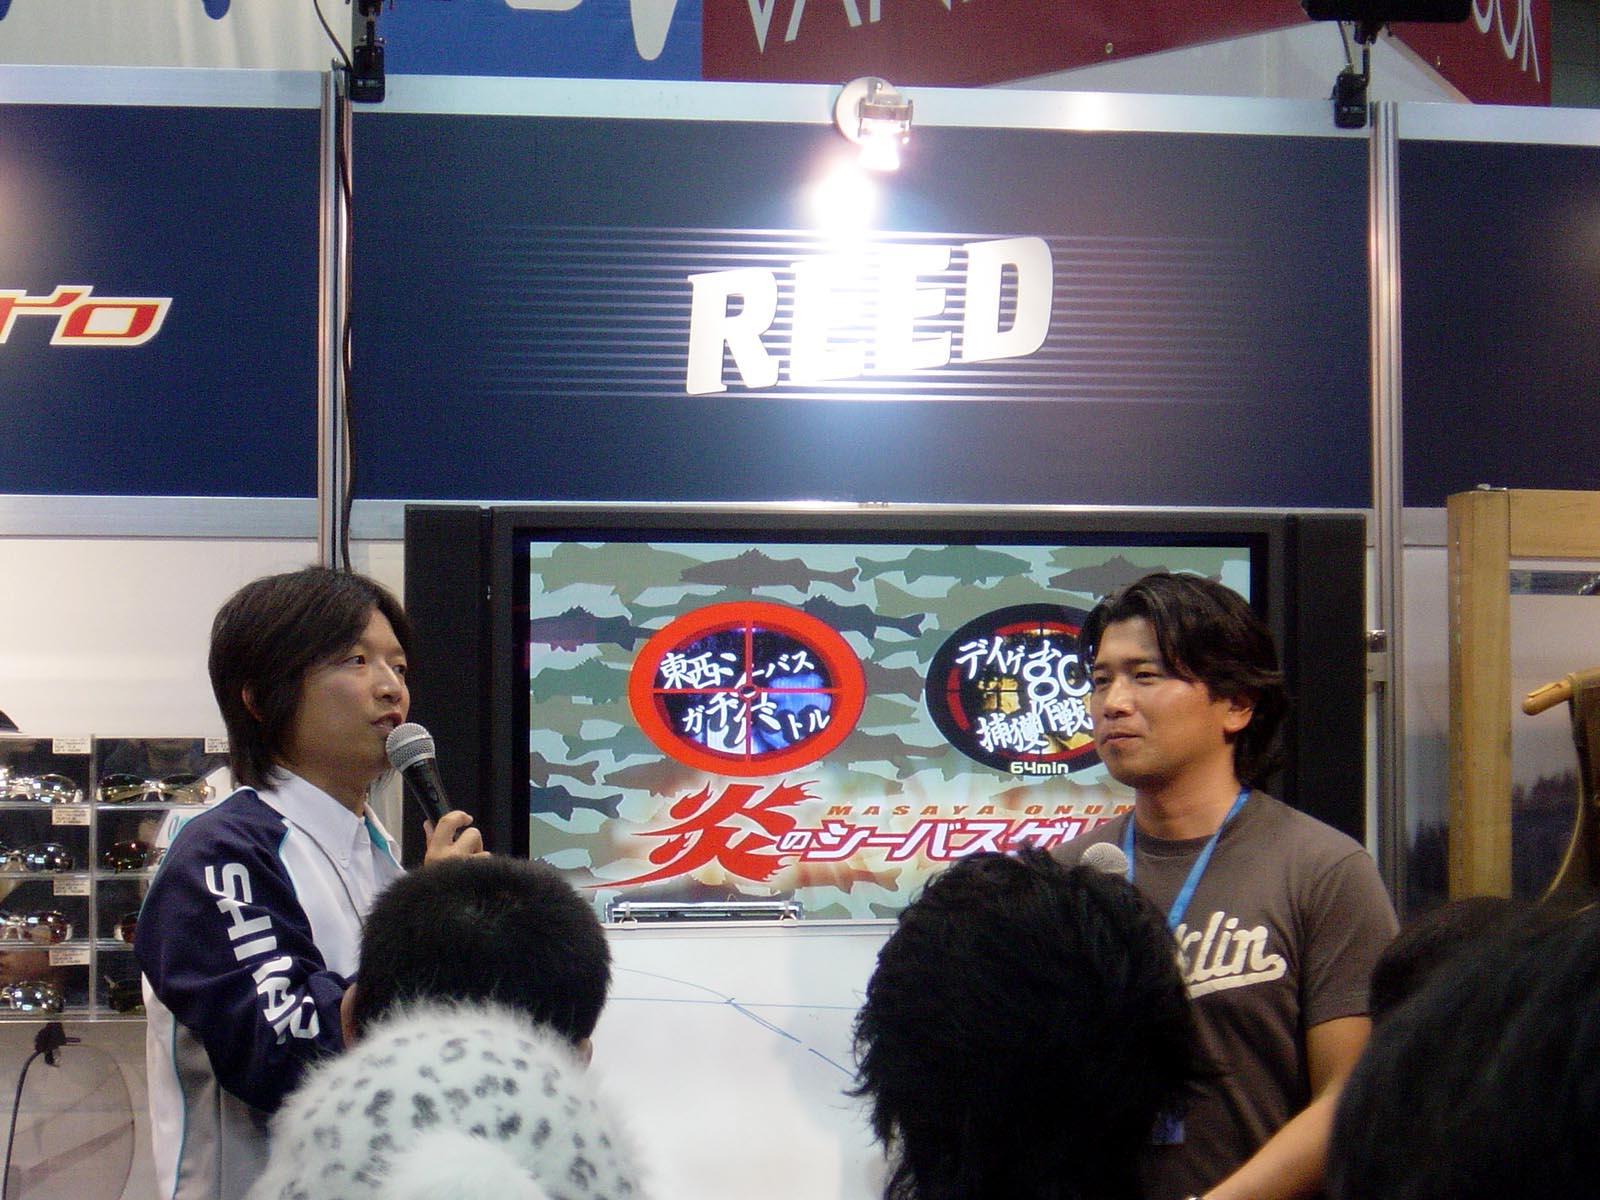 行って参りましたよぉ~ 国際フィッシングショー2009 in横浜_c0008395_0402090.jpg